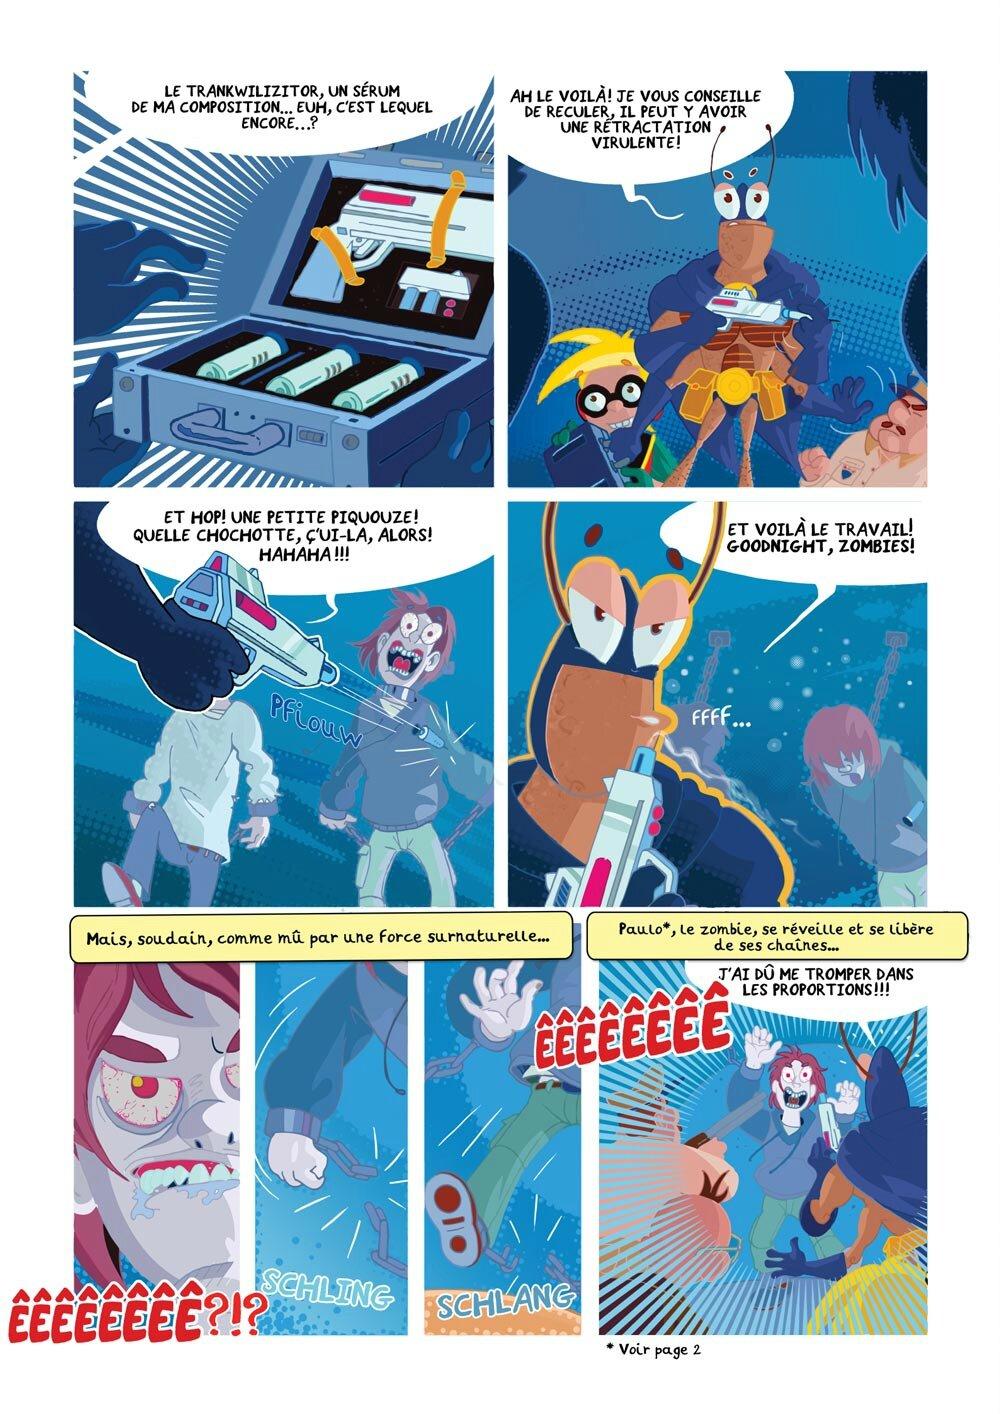 Blateman et Bobine -Tarek/Vhenin (Tartamudo éditions)